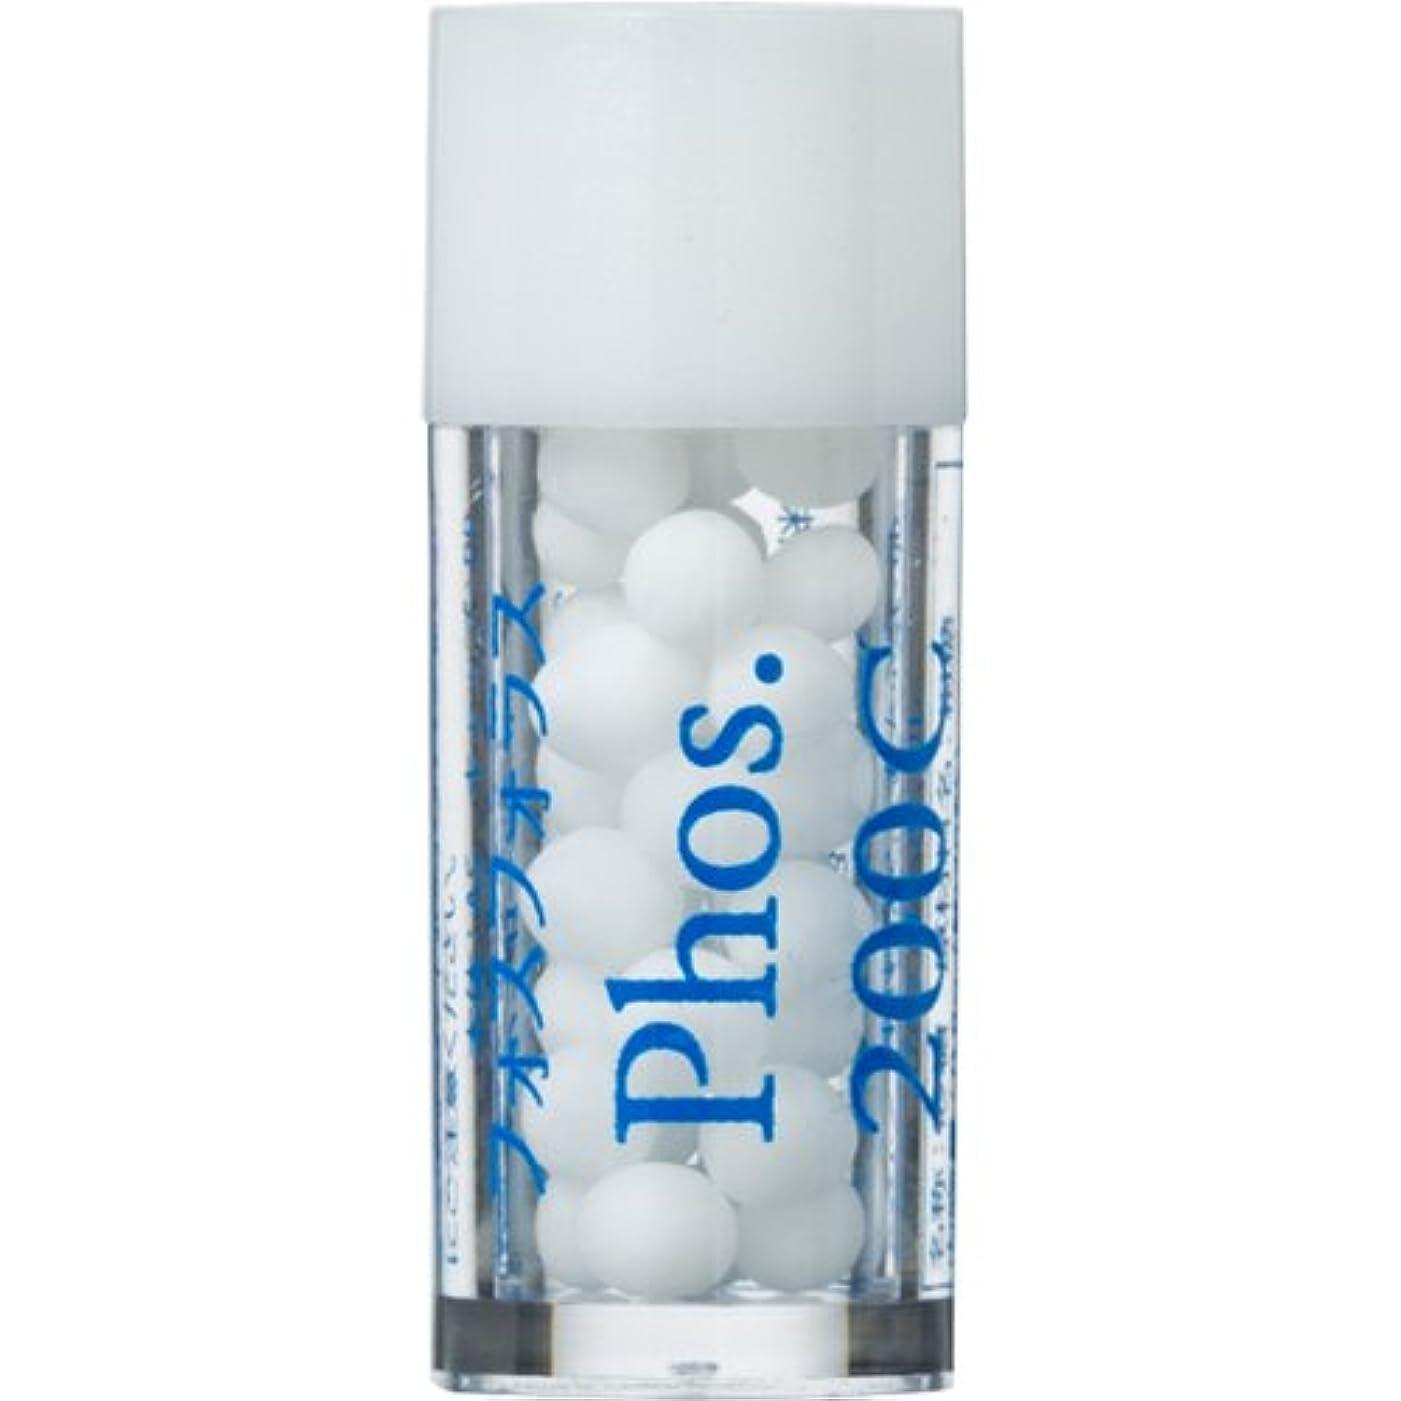 ベーカリースタッフ着飾るホメオパシージャパンレメディー YOBO11 Phos. フォスフォラス 200C